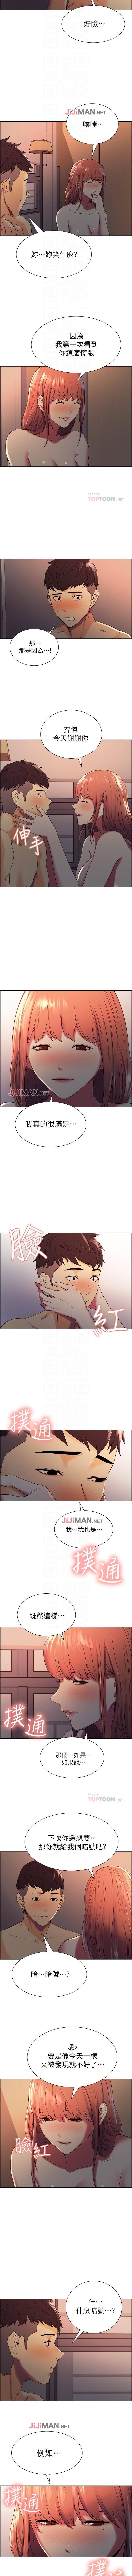 【周二连载】室友招募中(作者:Serious) 第1~13话 82